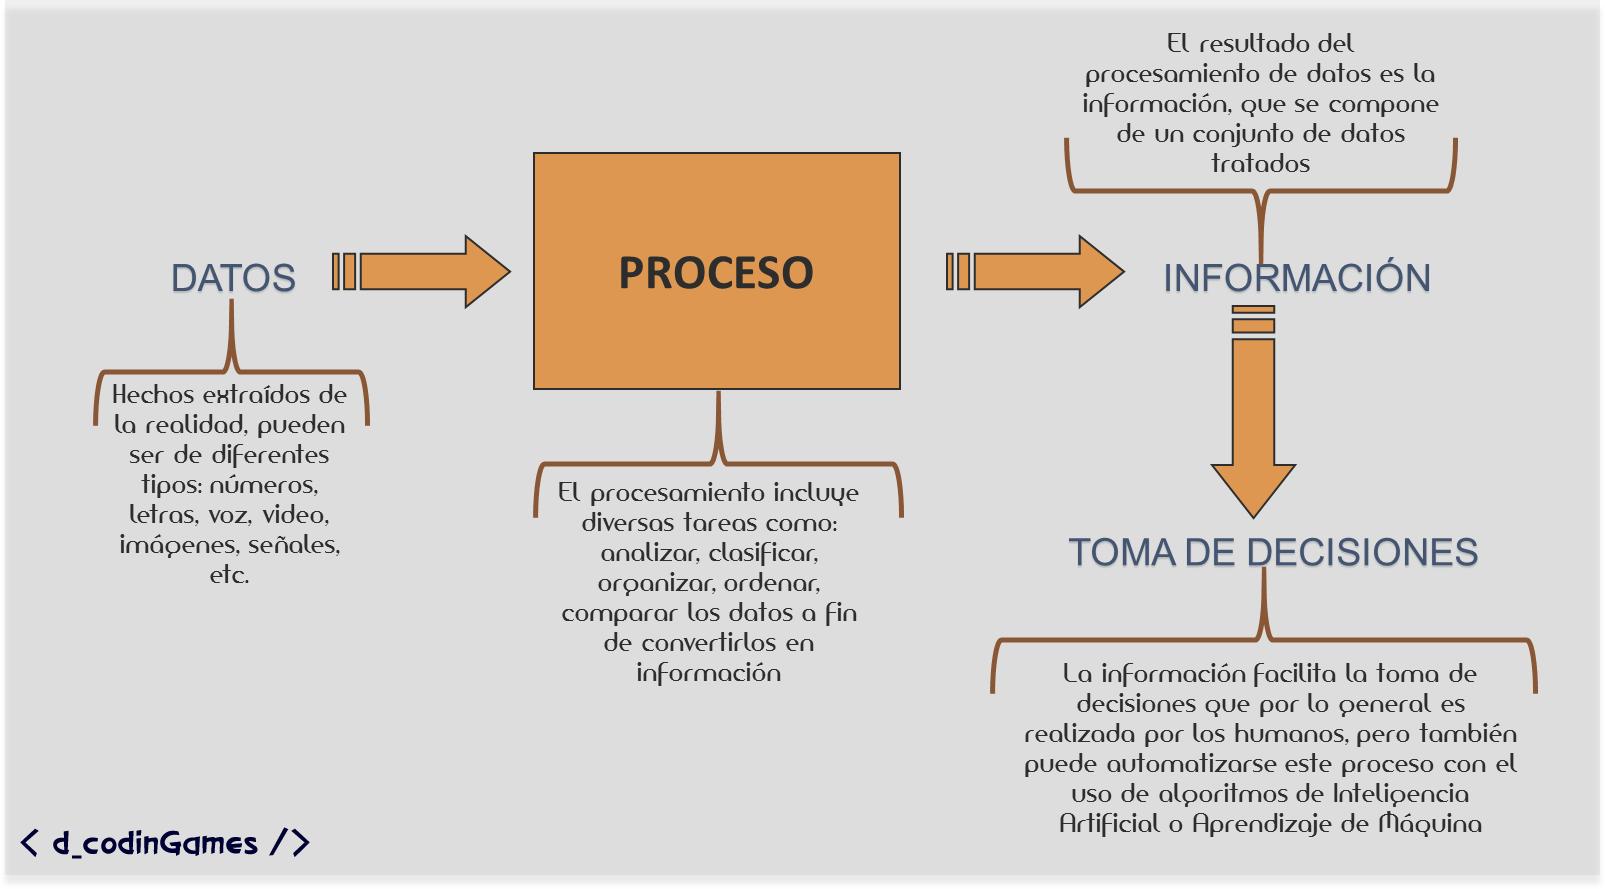 procesoInformacion